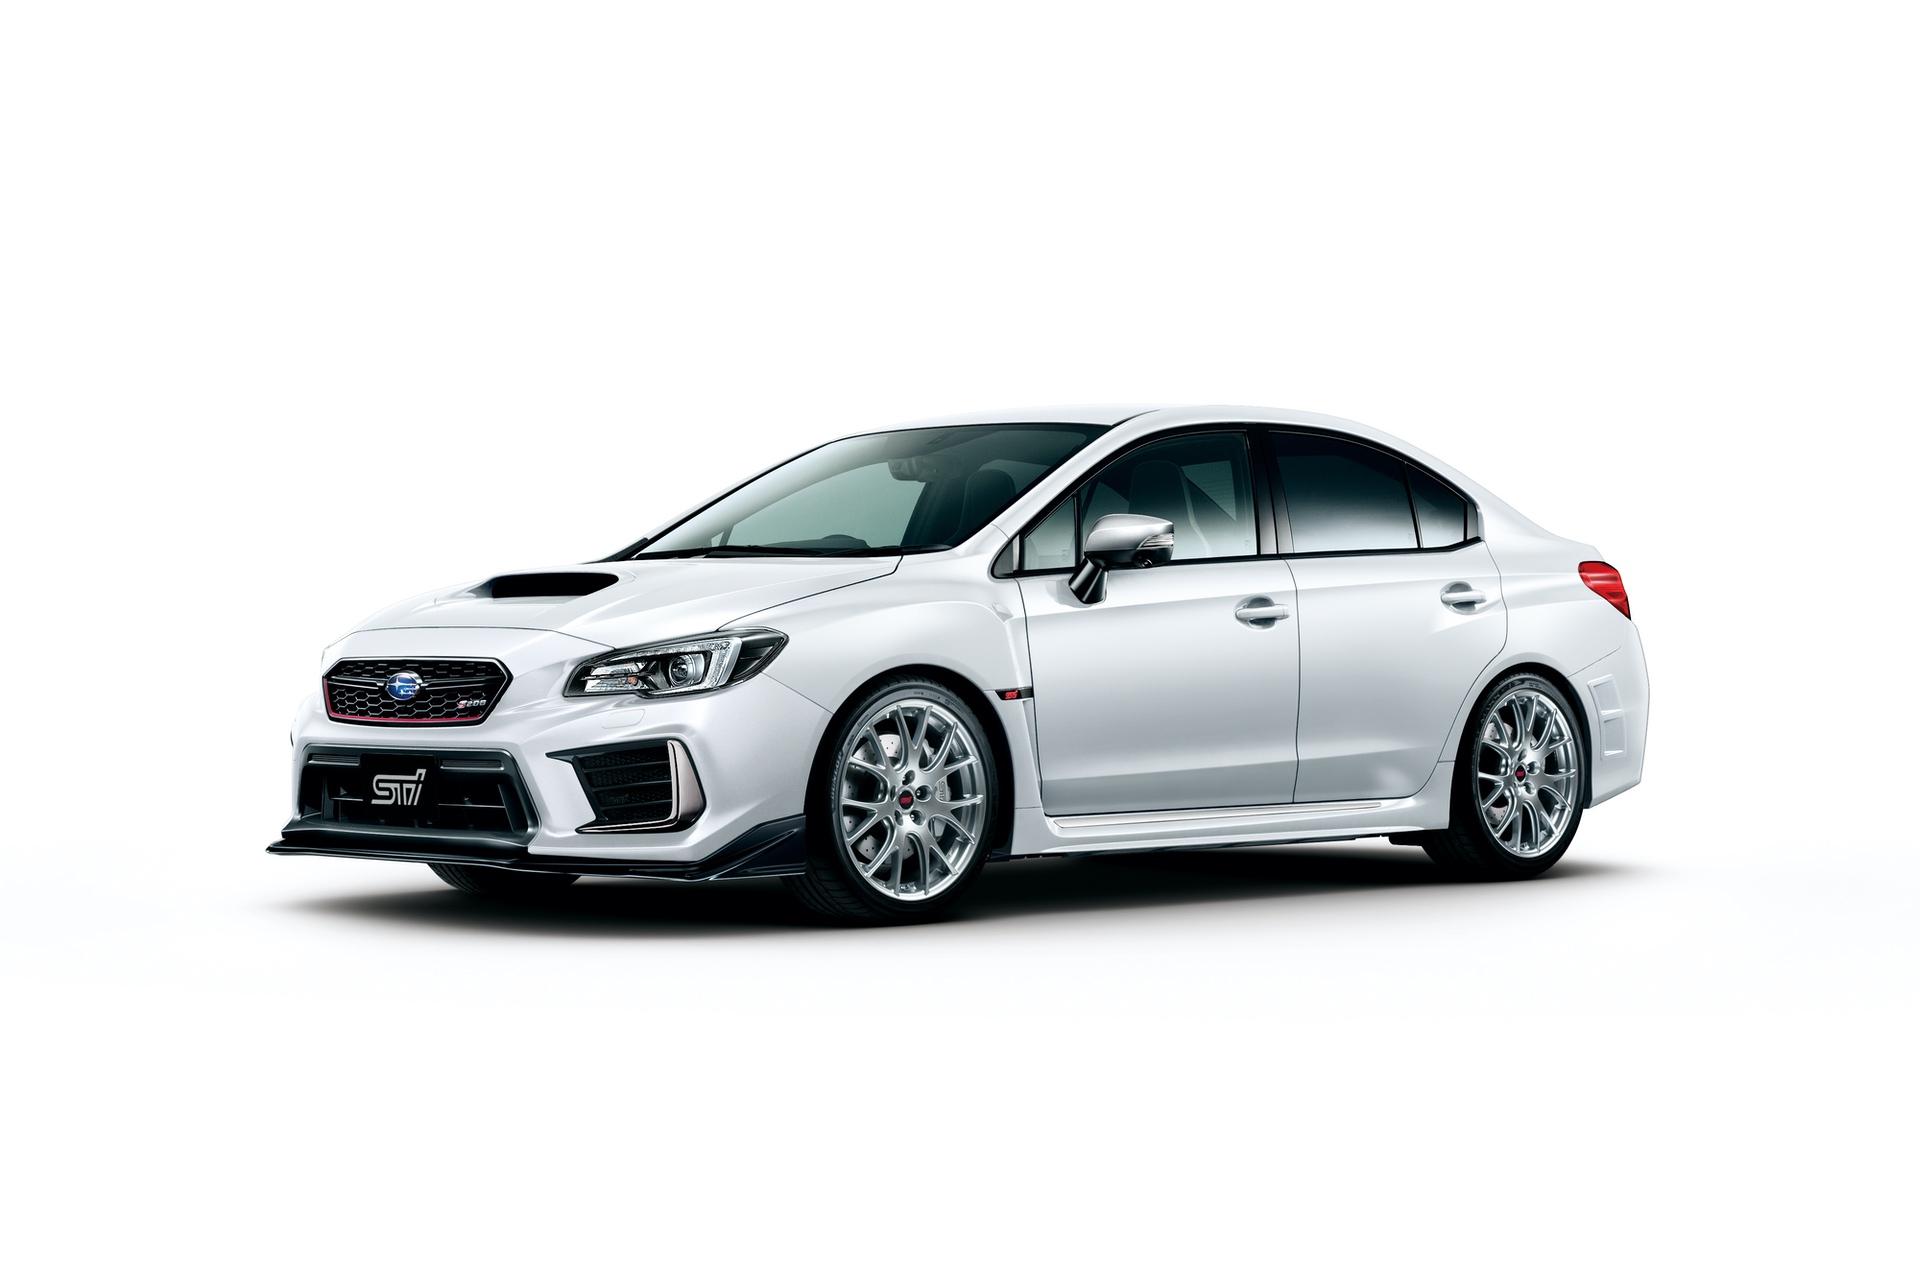 Subaru_WRX_STI_S208_0005